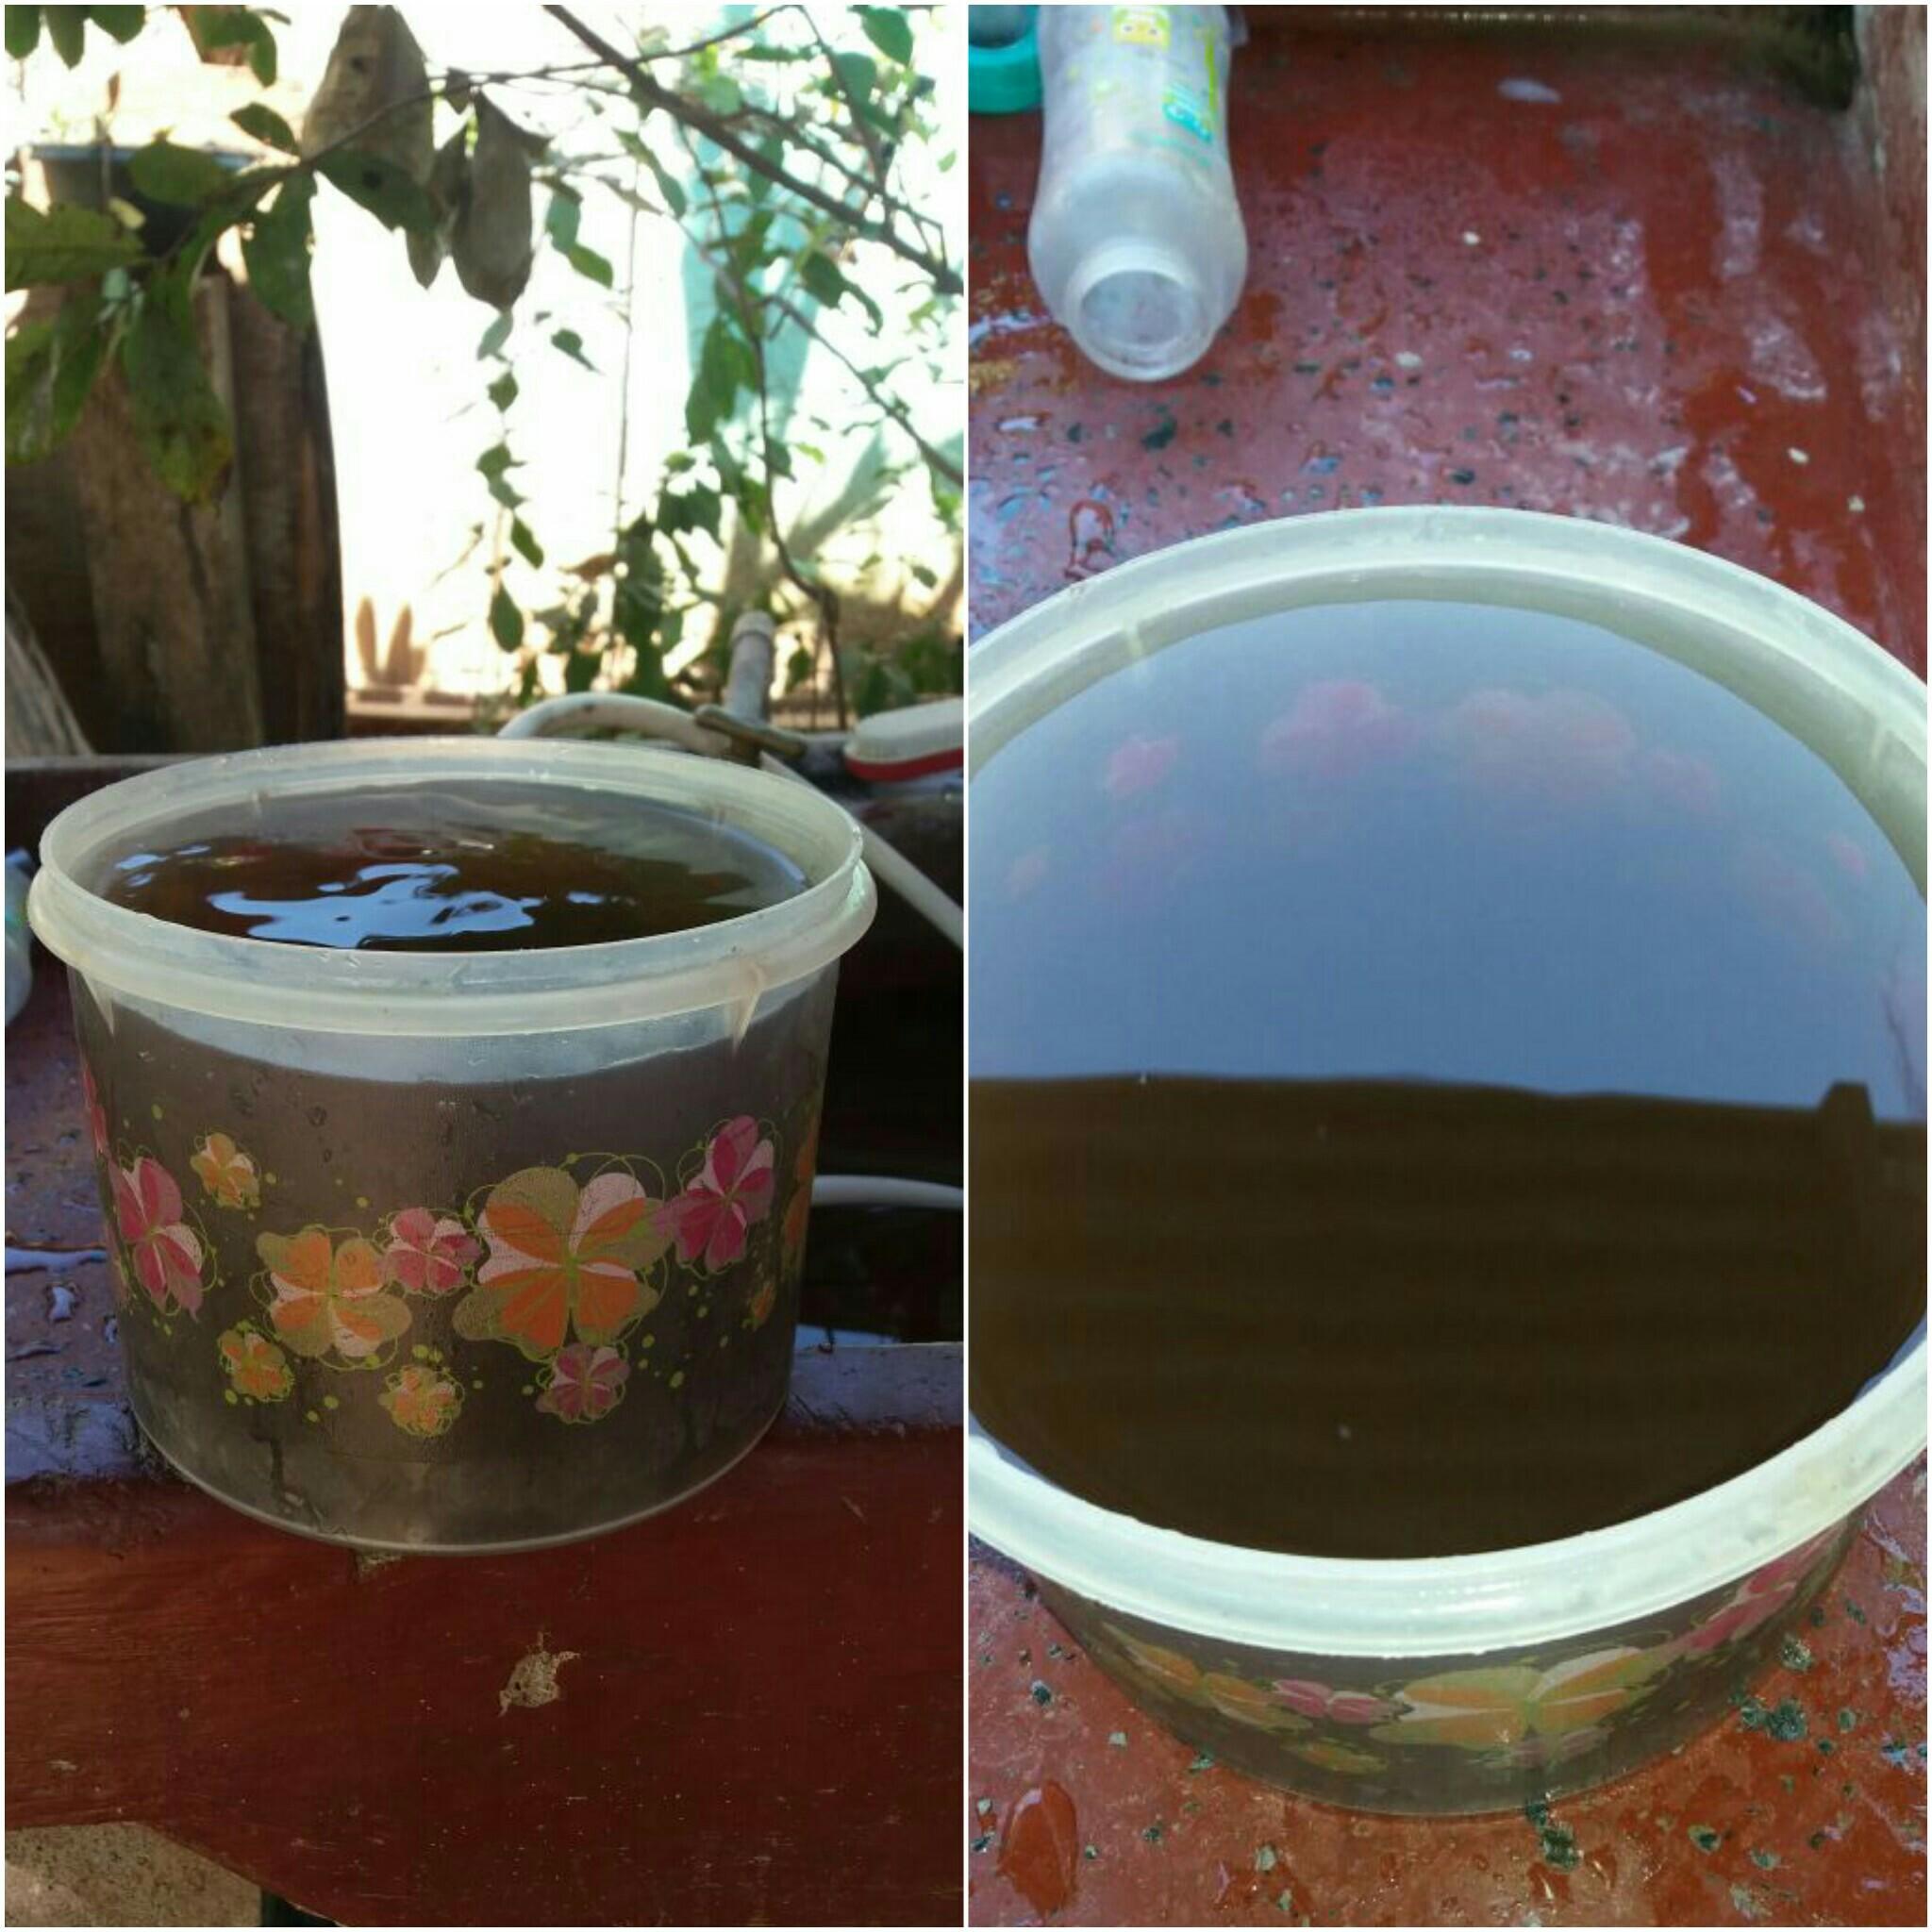 Así salió el agua en los últimos meses del 2016, cuando el pozo que aportaba el líquido a las tuberías se contaminó. (Imagen cortesía de Juliana Corrales)